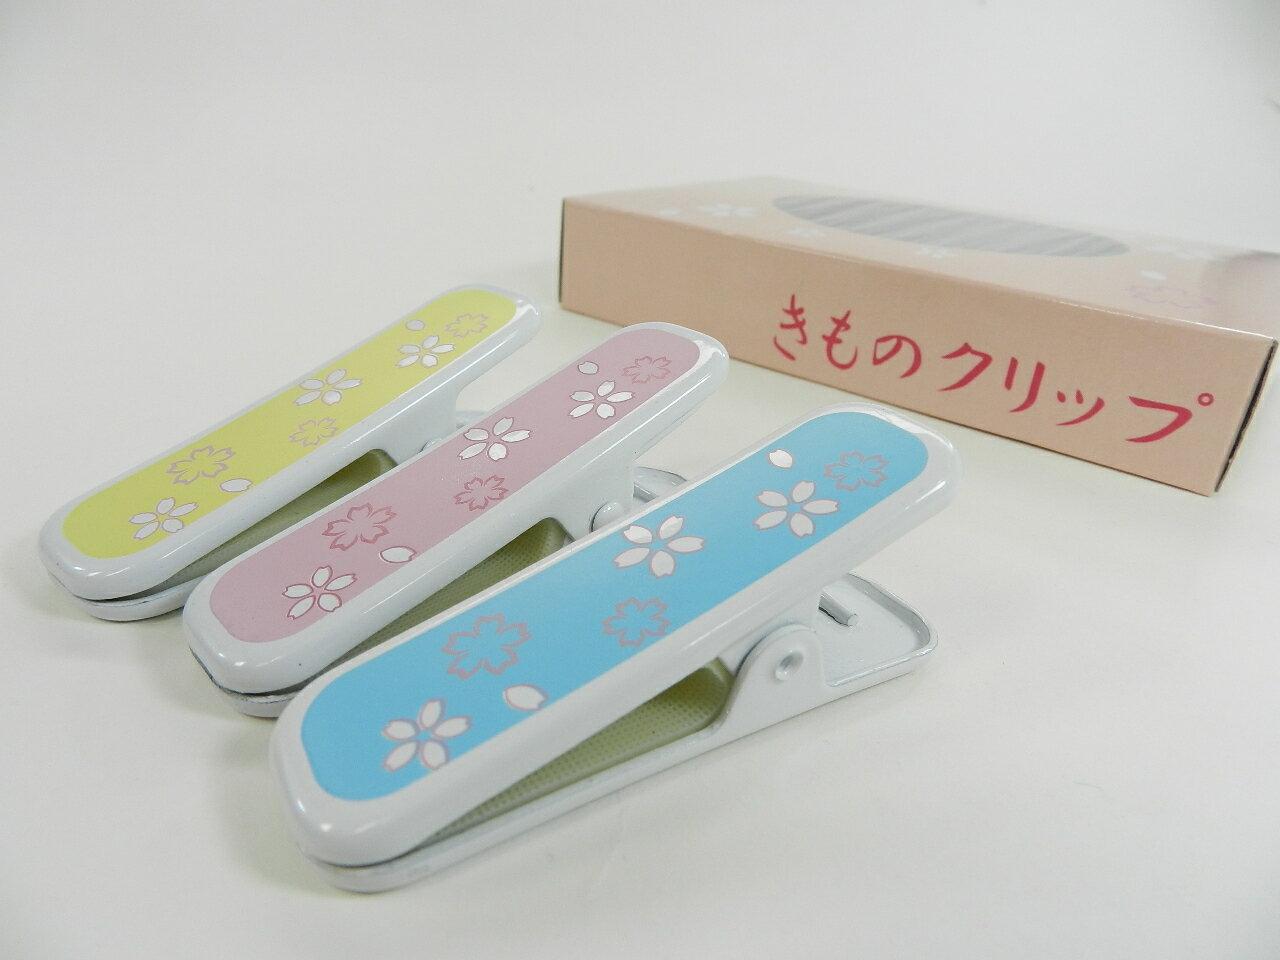 ★ Tim Sale ★ kimono clip big to three combined kimono accessories convenient yukata kimono!